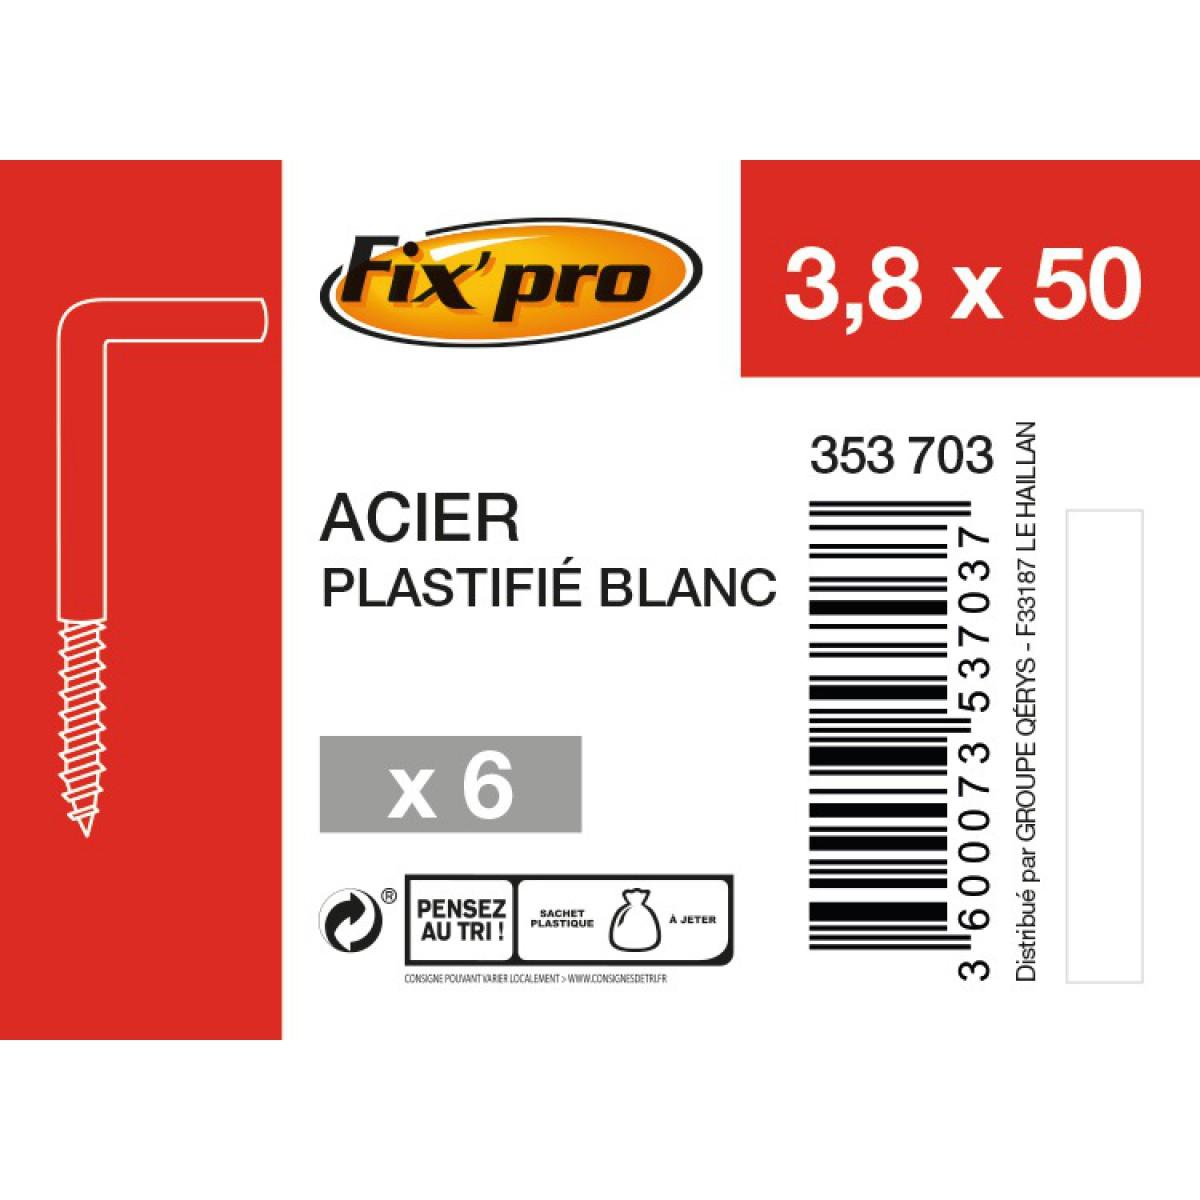 Gond à vis acier plastifié blanc - 3,8x50 - 6 pces - Fixpro